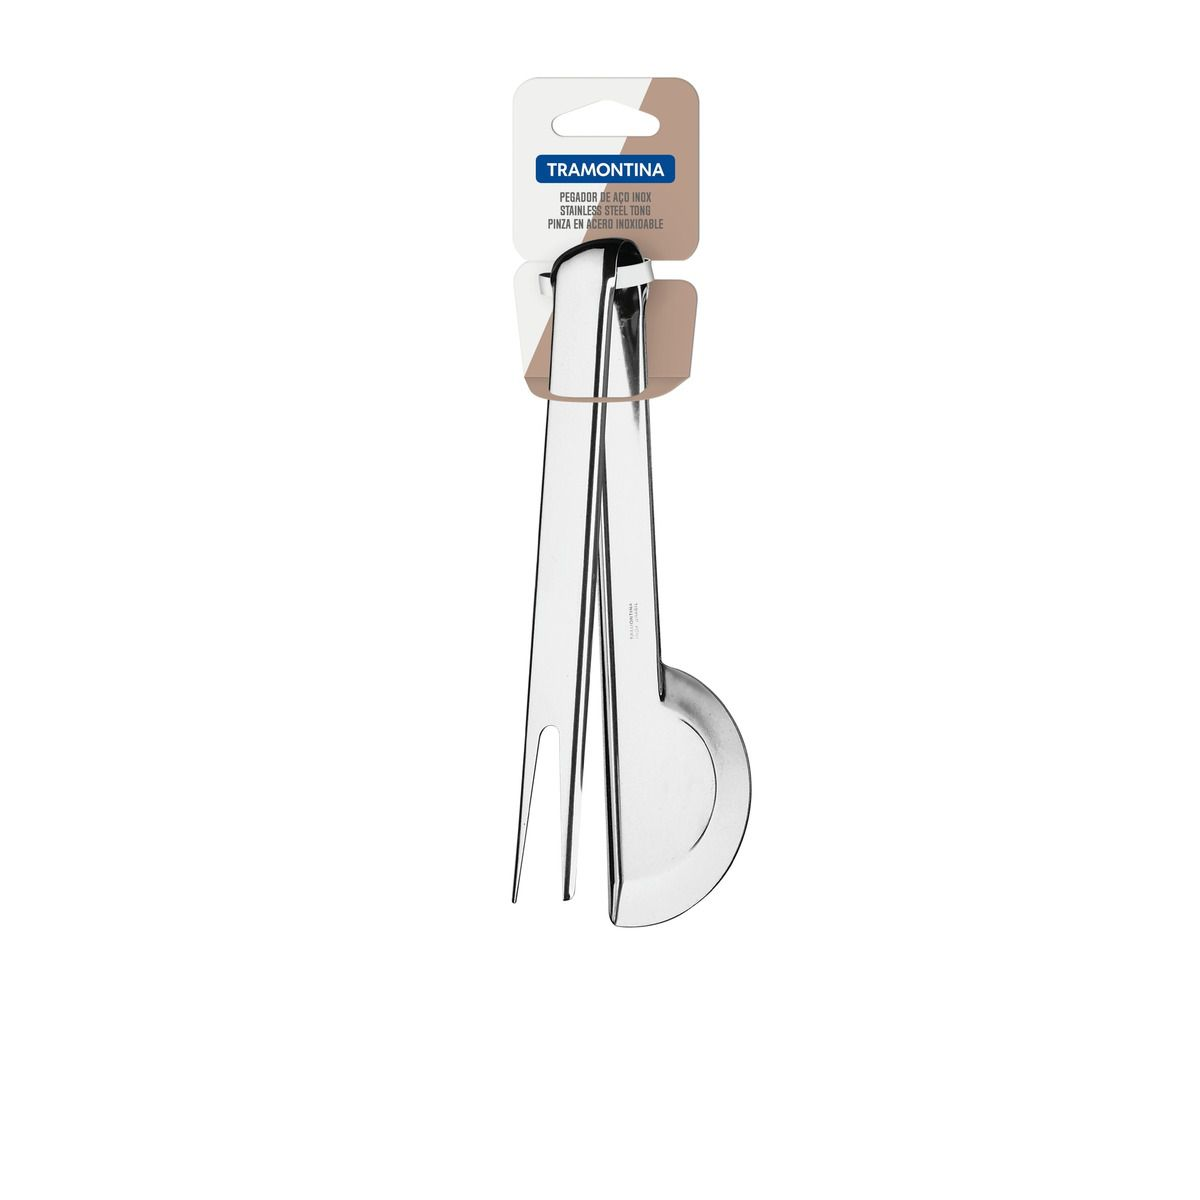 Pegador de Frios Tramontina Utility em Aço Inox 63800/635 | Lojas Estrela